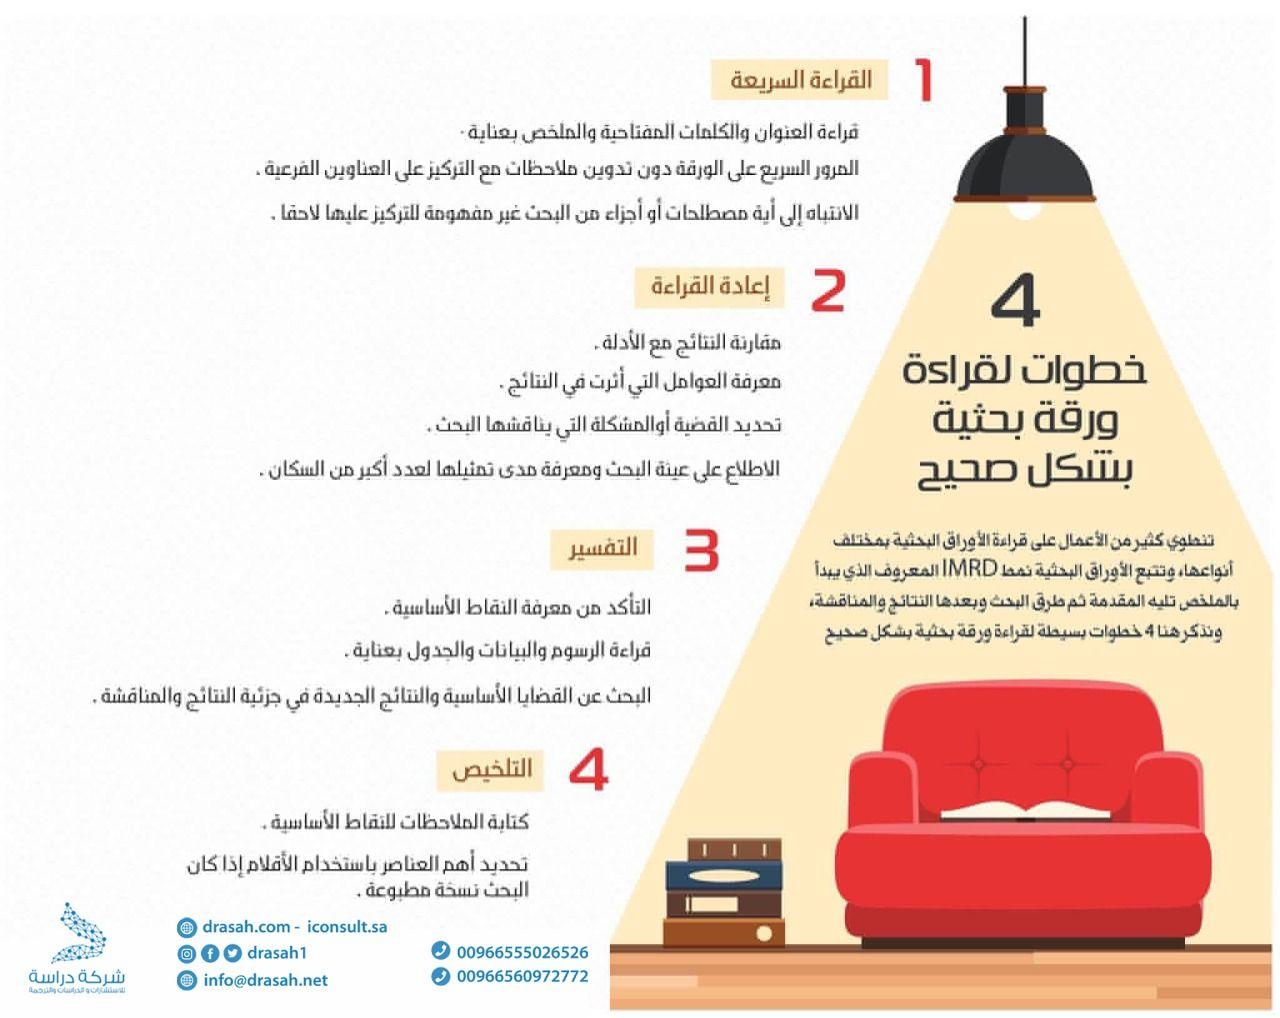 4 خطوات لقراءة ورقة بحثية بشكل لصحيح